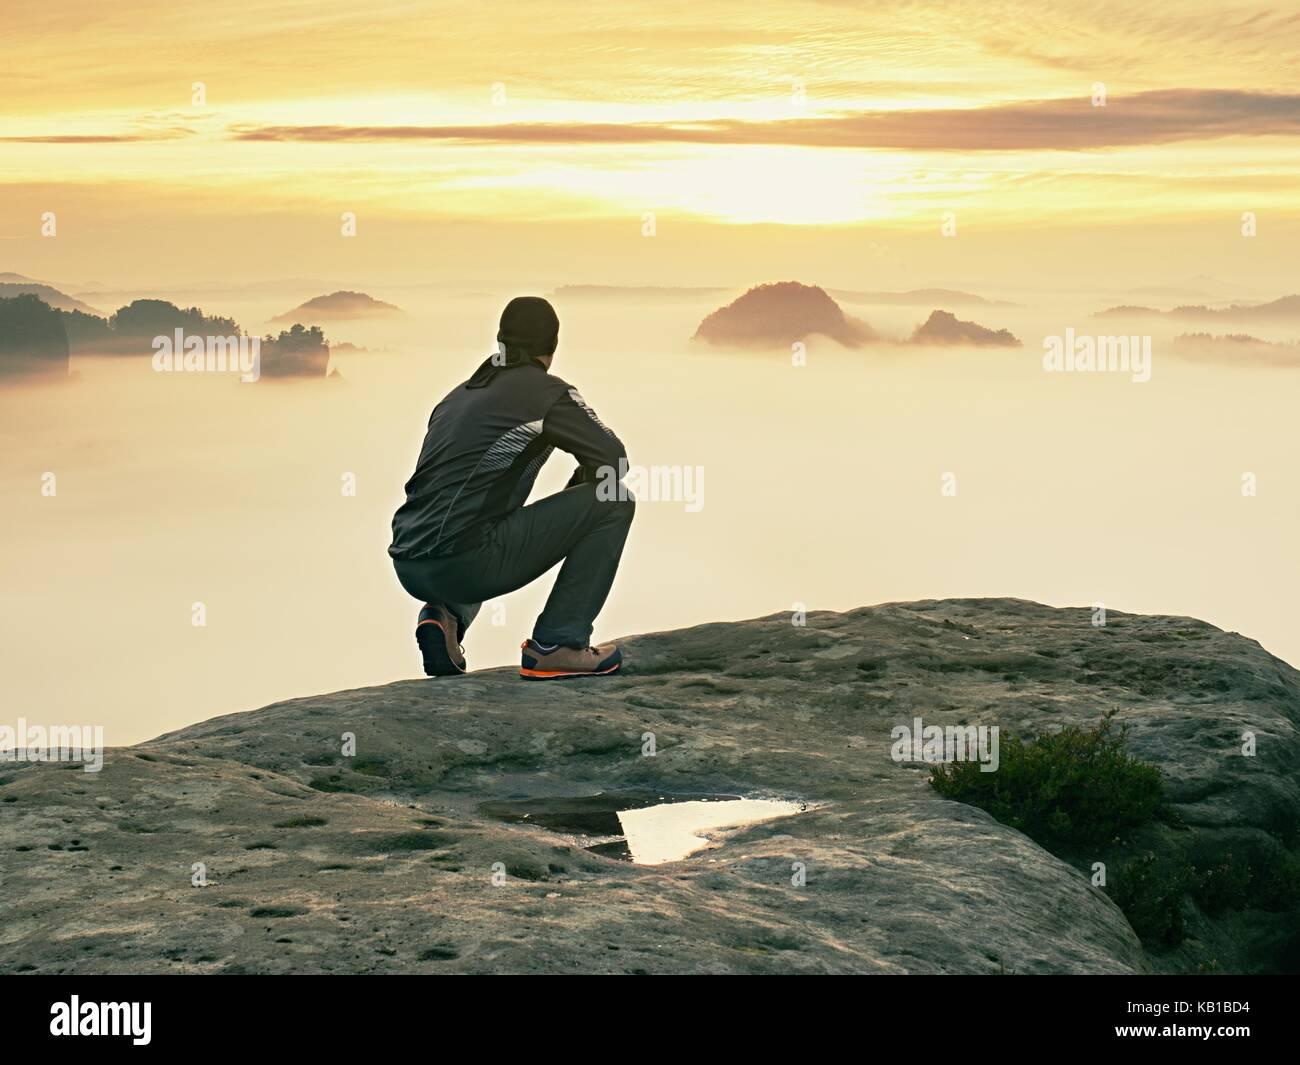 Turista sentarse en pico de roca arenisca y viendo en colorido el vapor y la niebla en la mañana valle. triste Imagen De Stock